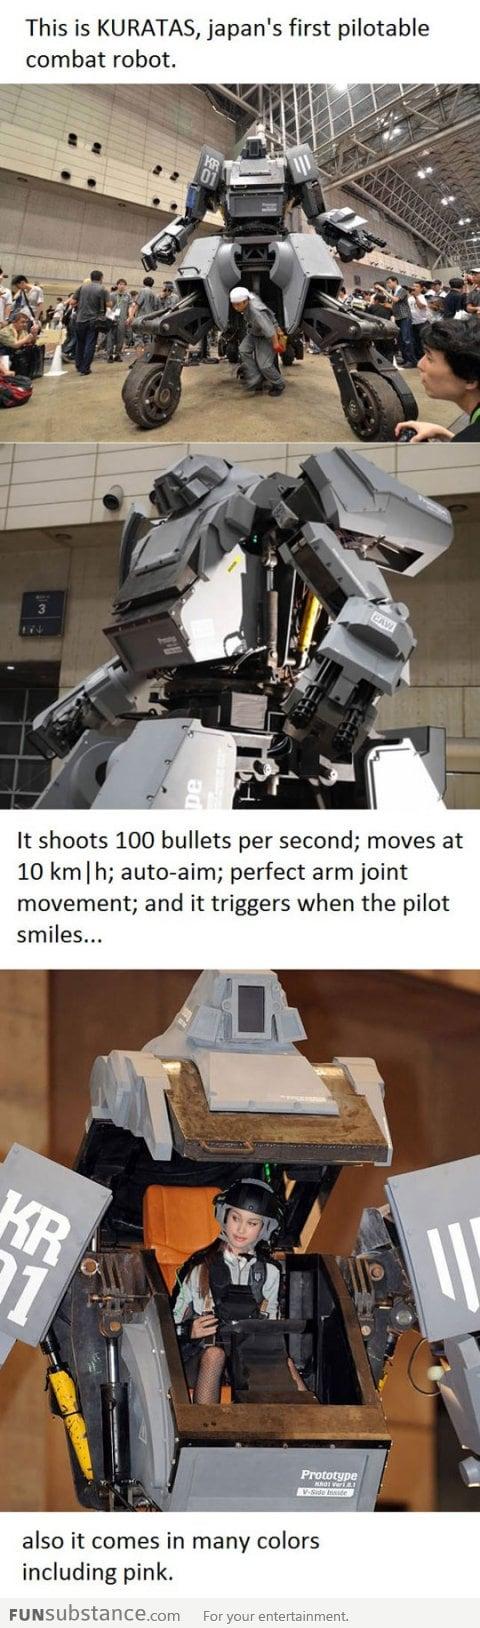 Japan's first combat robot